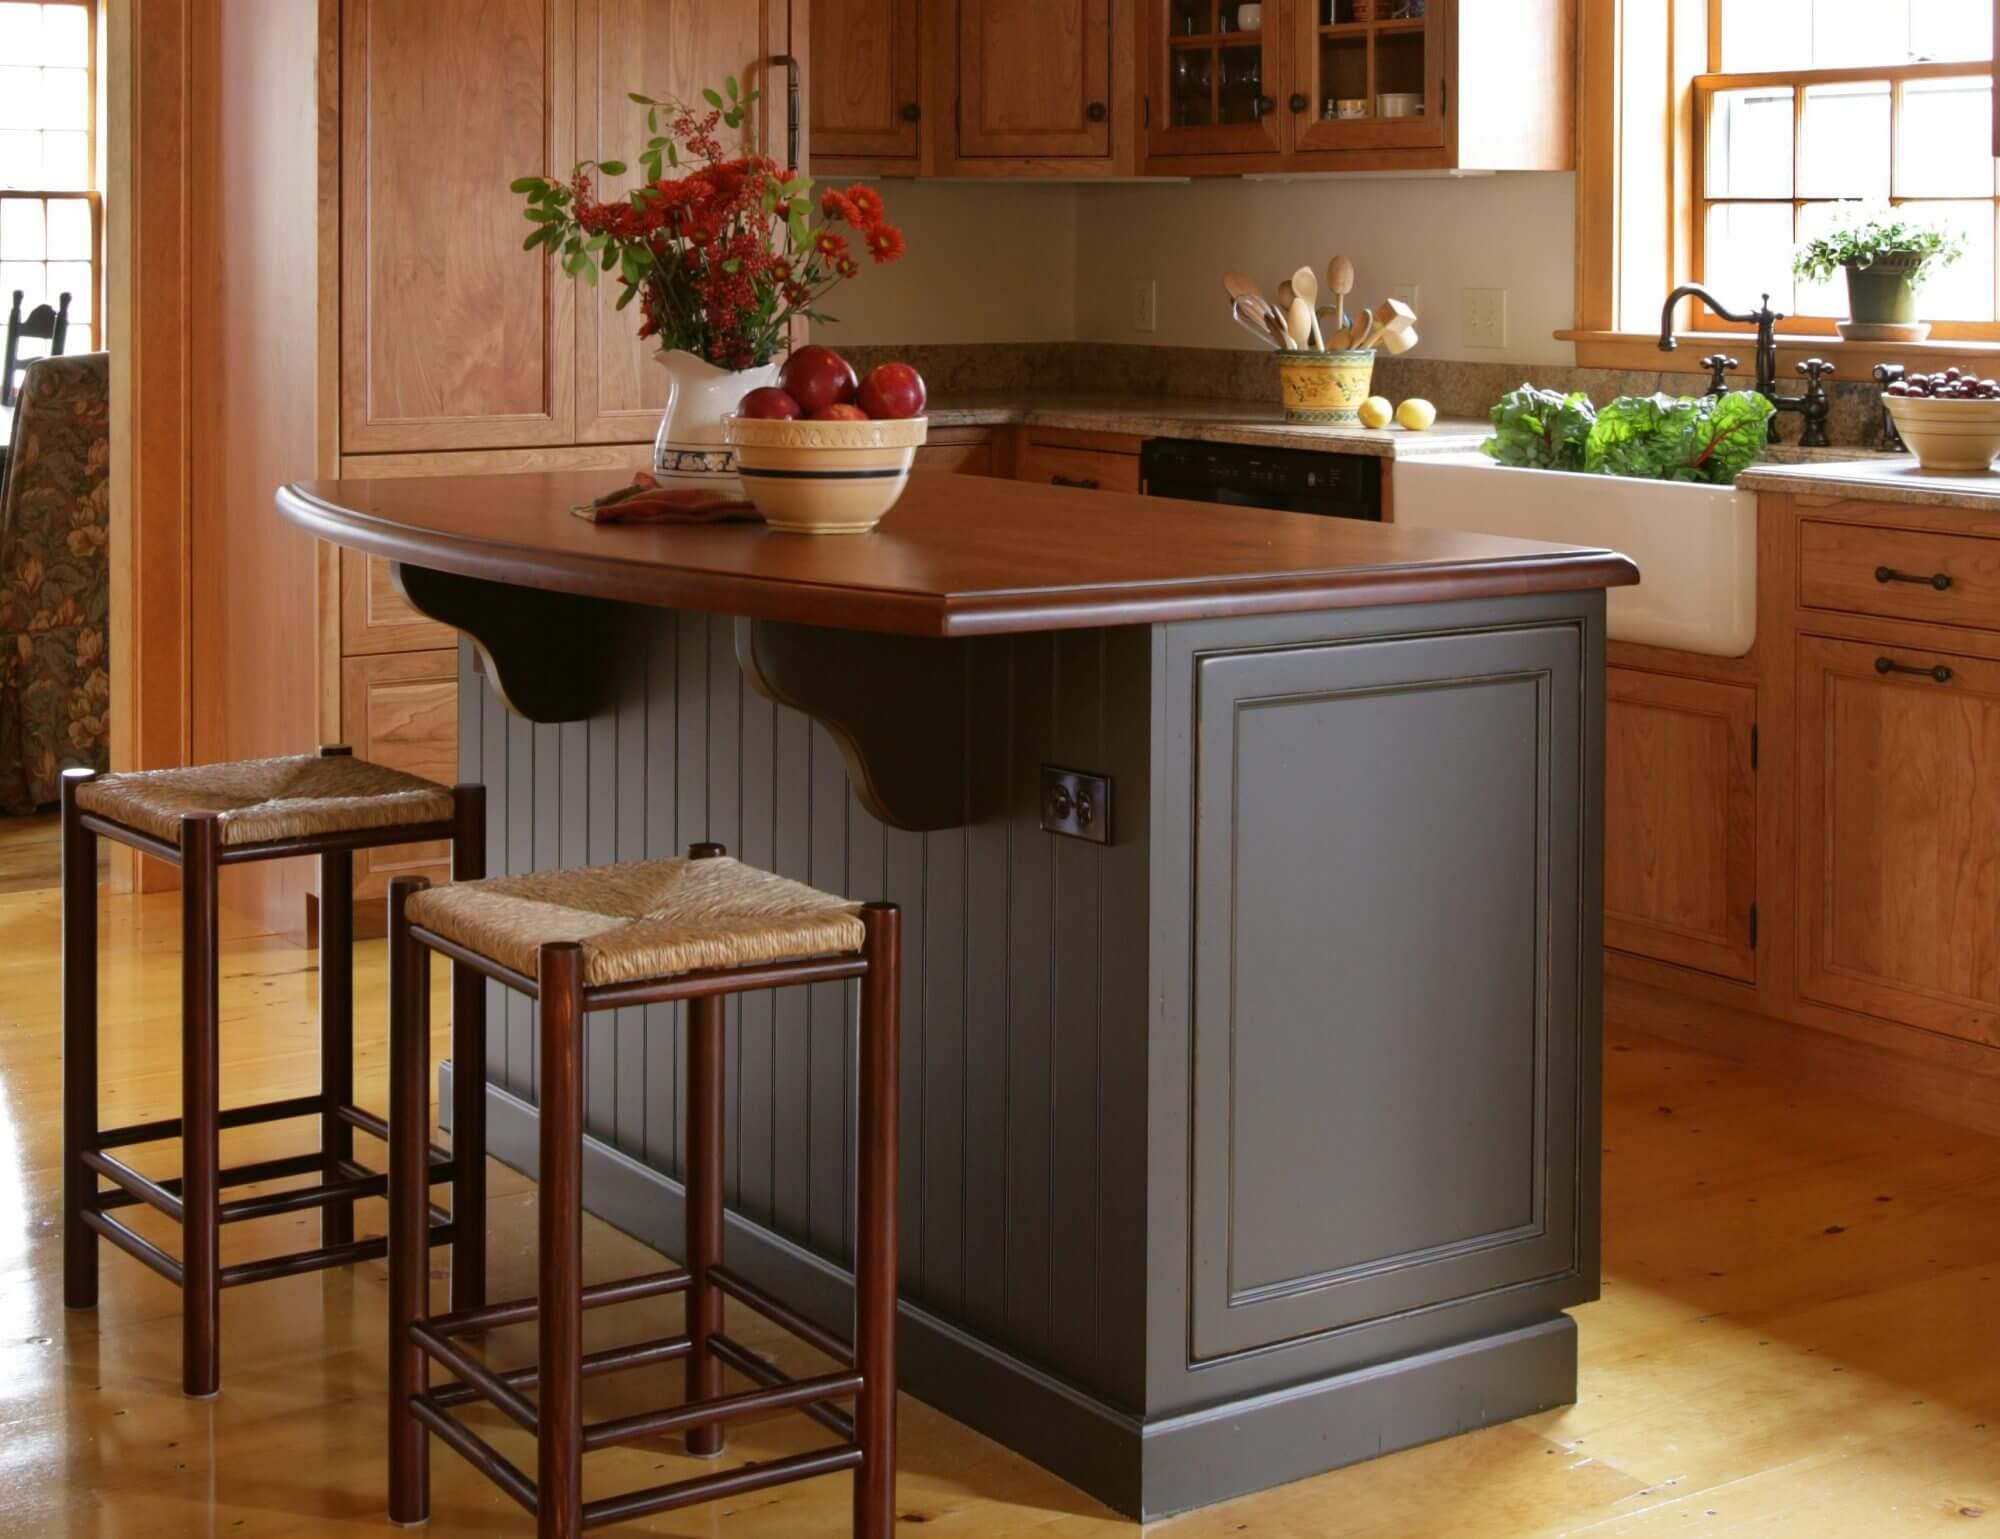 Beautiful wood kitchen finished